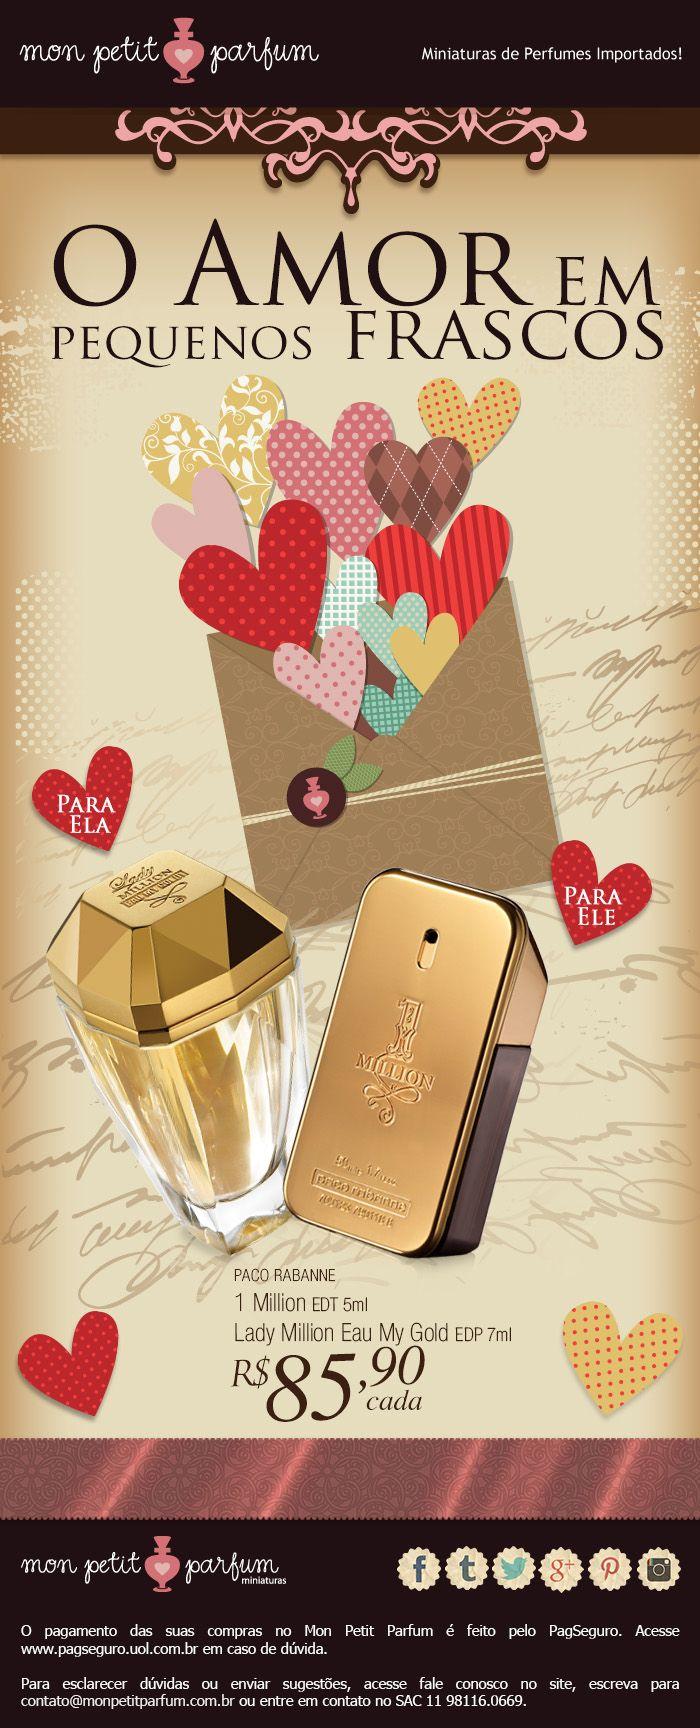 DIA DOS NAMORADOS Perfumes em Miniatura - O Amor em pequenos frascos